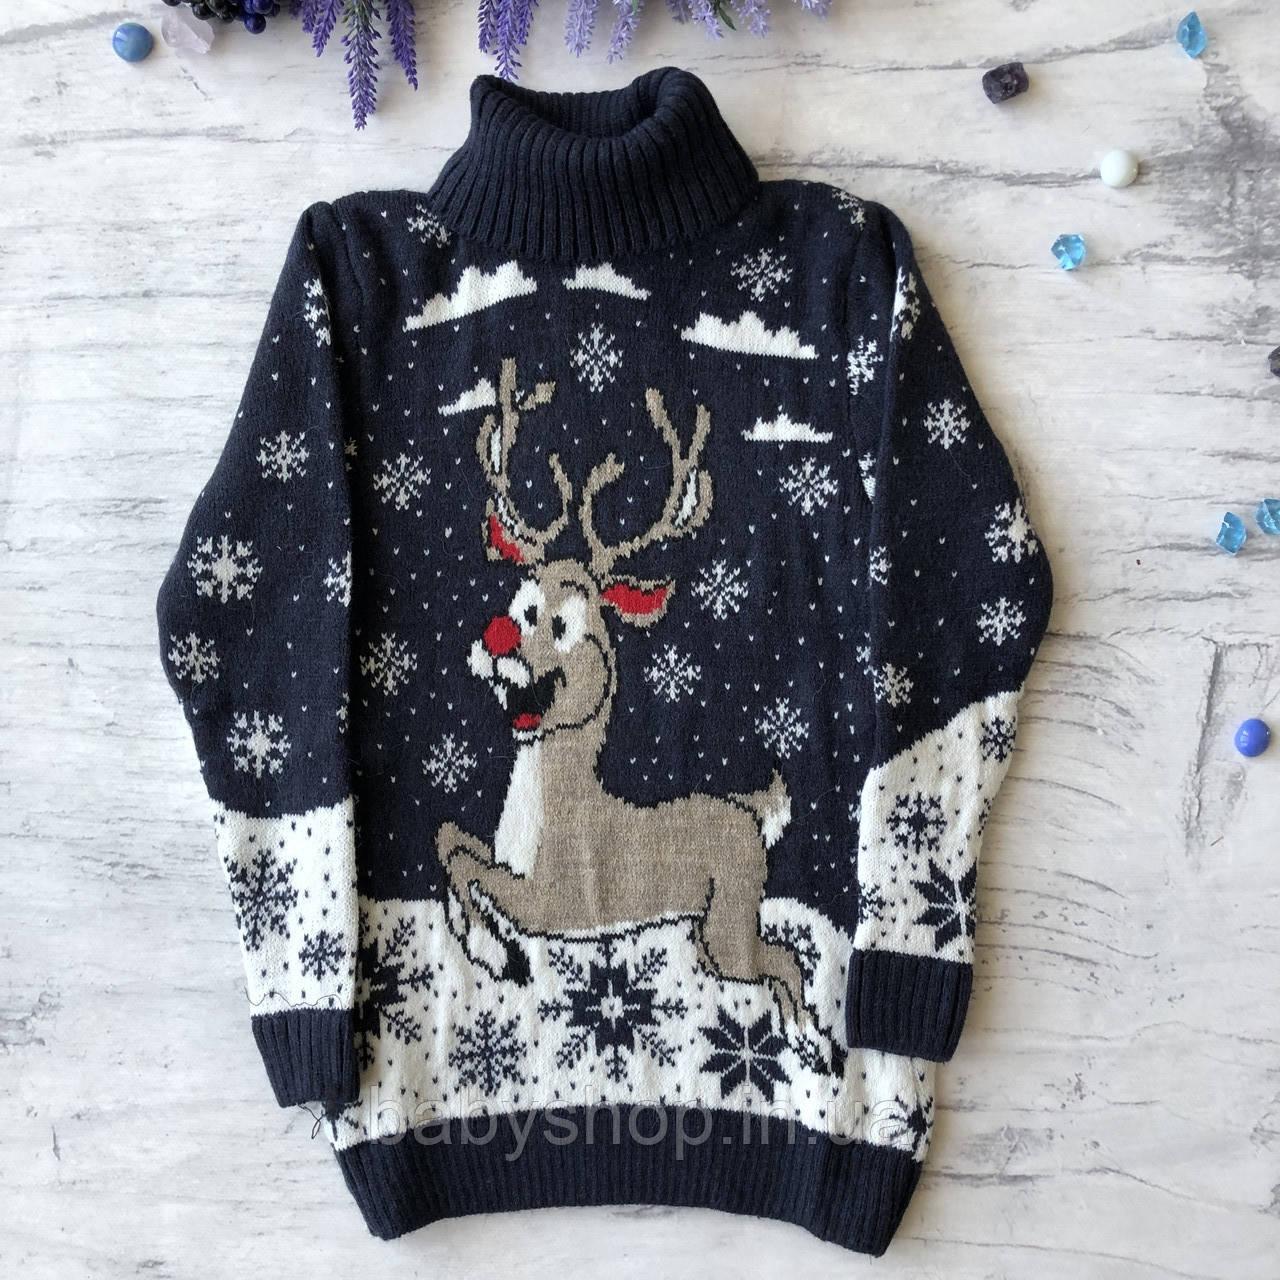 Теплый новогодний свитер на мальчика 4. Размер 2 года, 3 года, 4 года, 5 лет, 6 лет